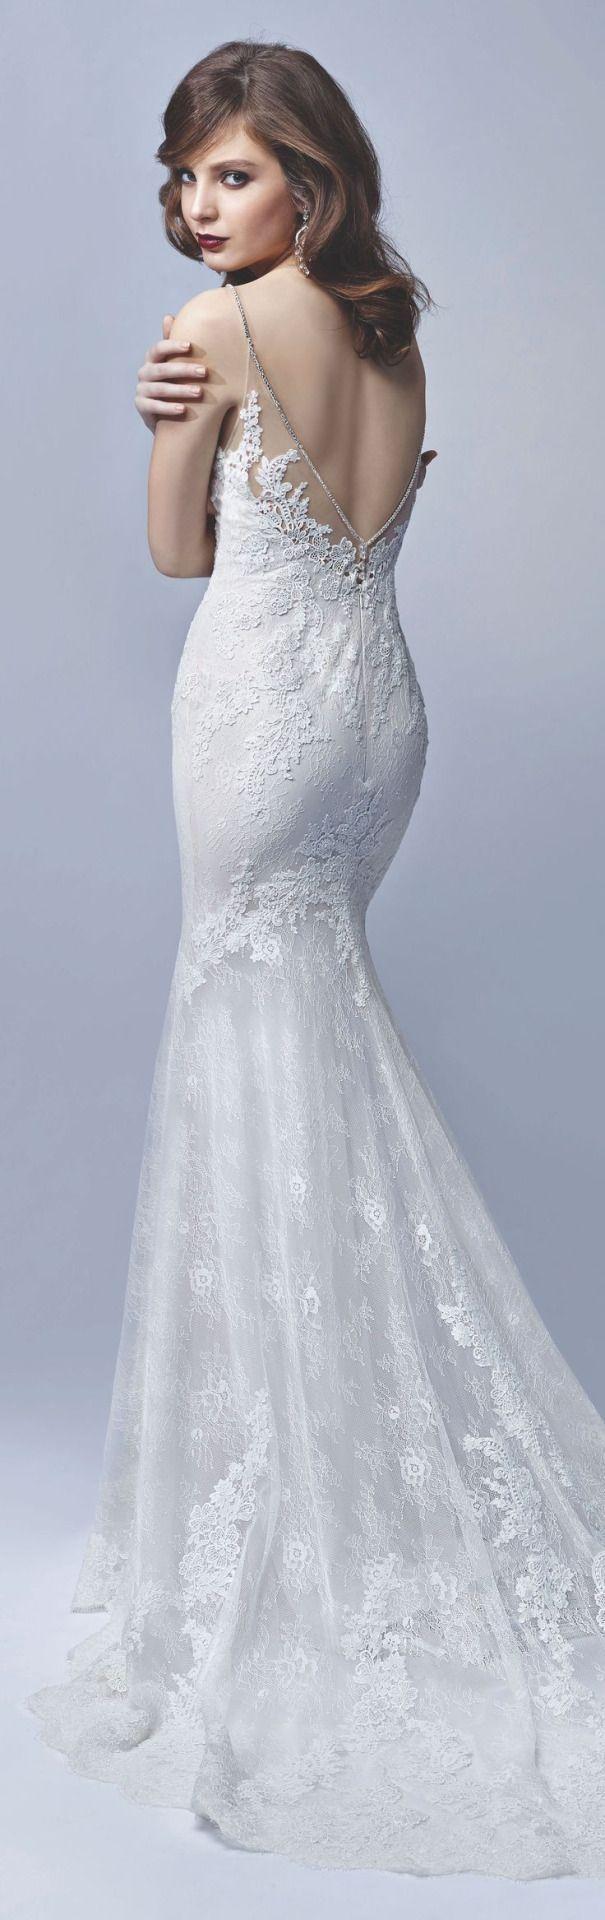 Hochzeit - WEDDING DRESS 2017